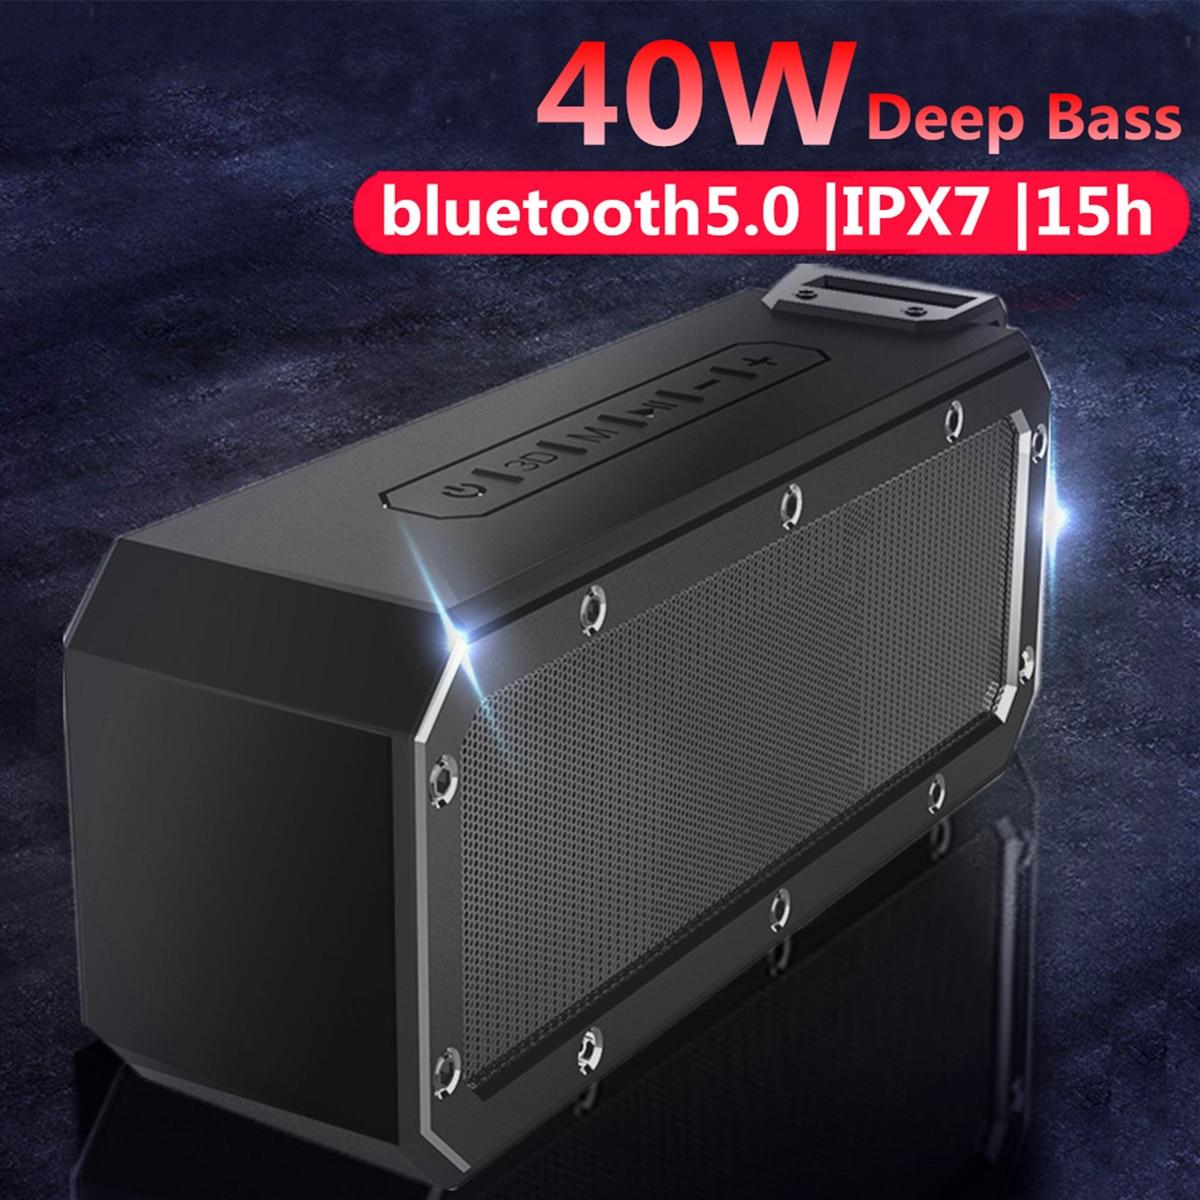 مكبر صوت بلوتوث 5.0 ، 40 واط ، مكبر صوت ، عمود ، محمول ، IPX7 ، مقاوم للماء ، مضخم صوت ، صوت ستيريو 360 ، في الهواء الطلق ، Boombox